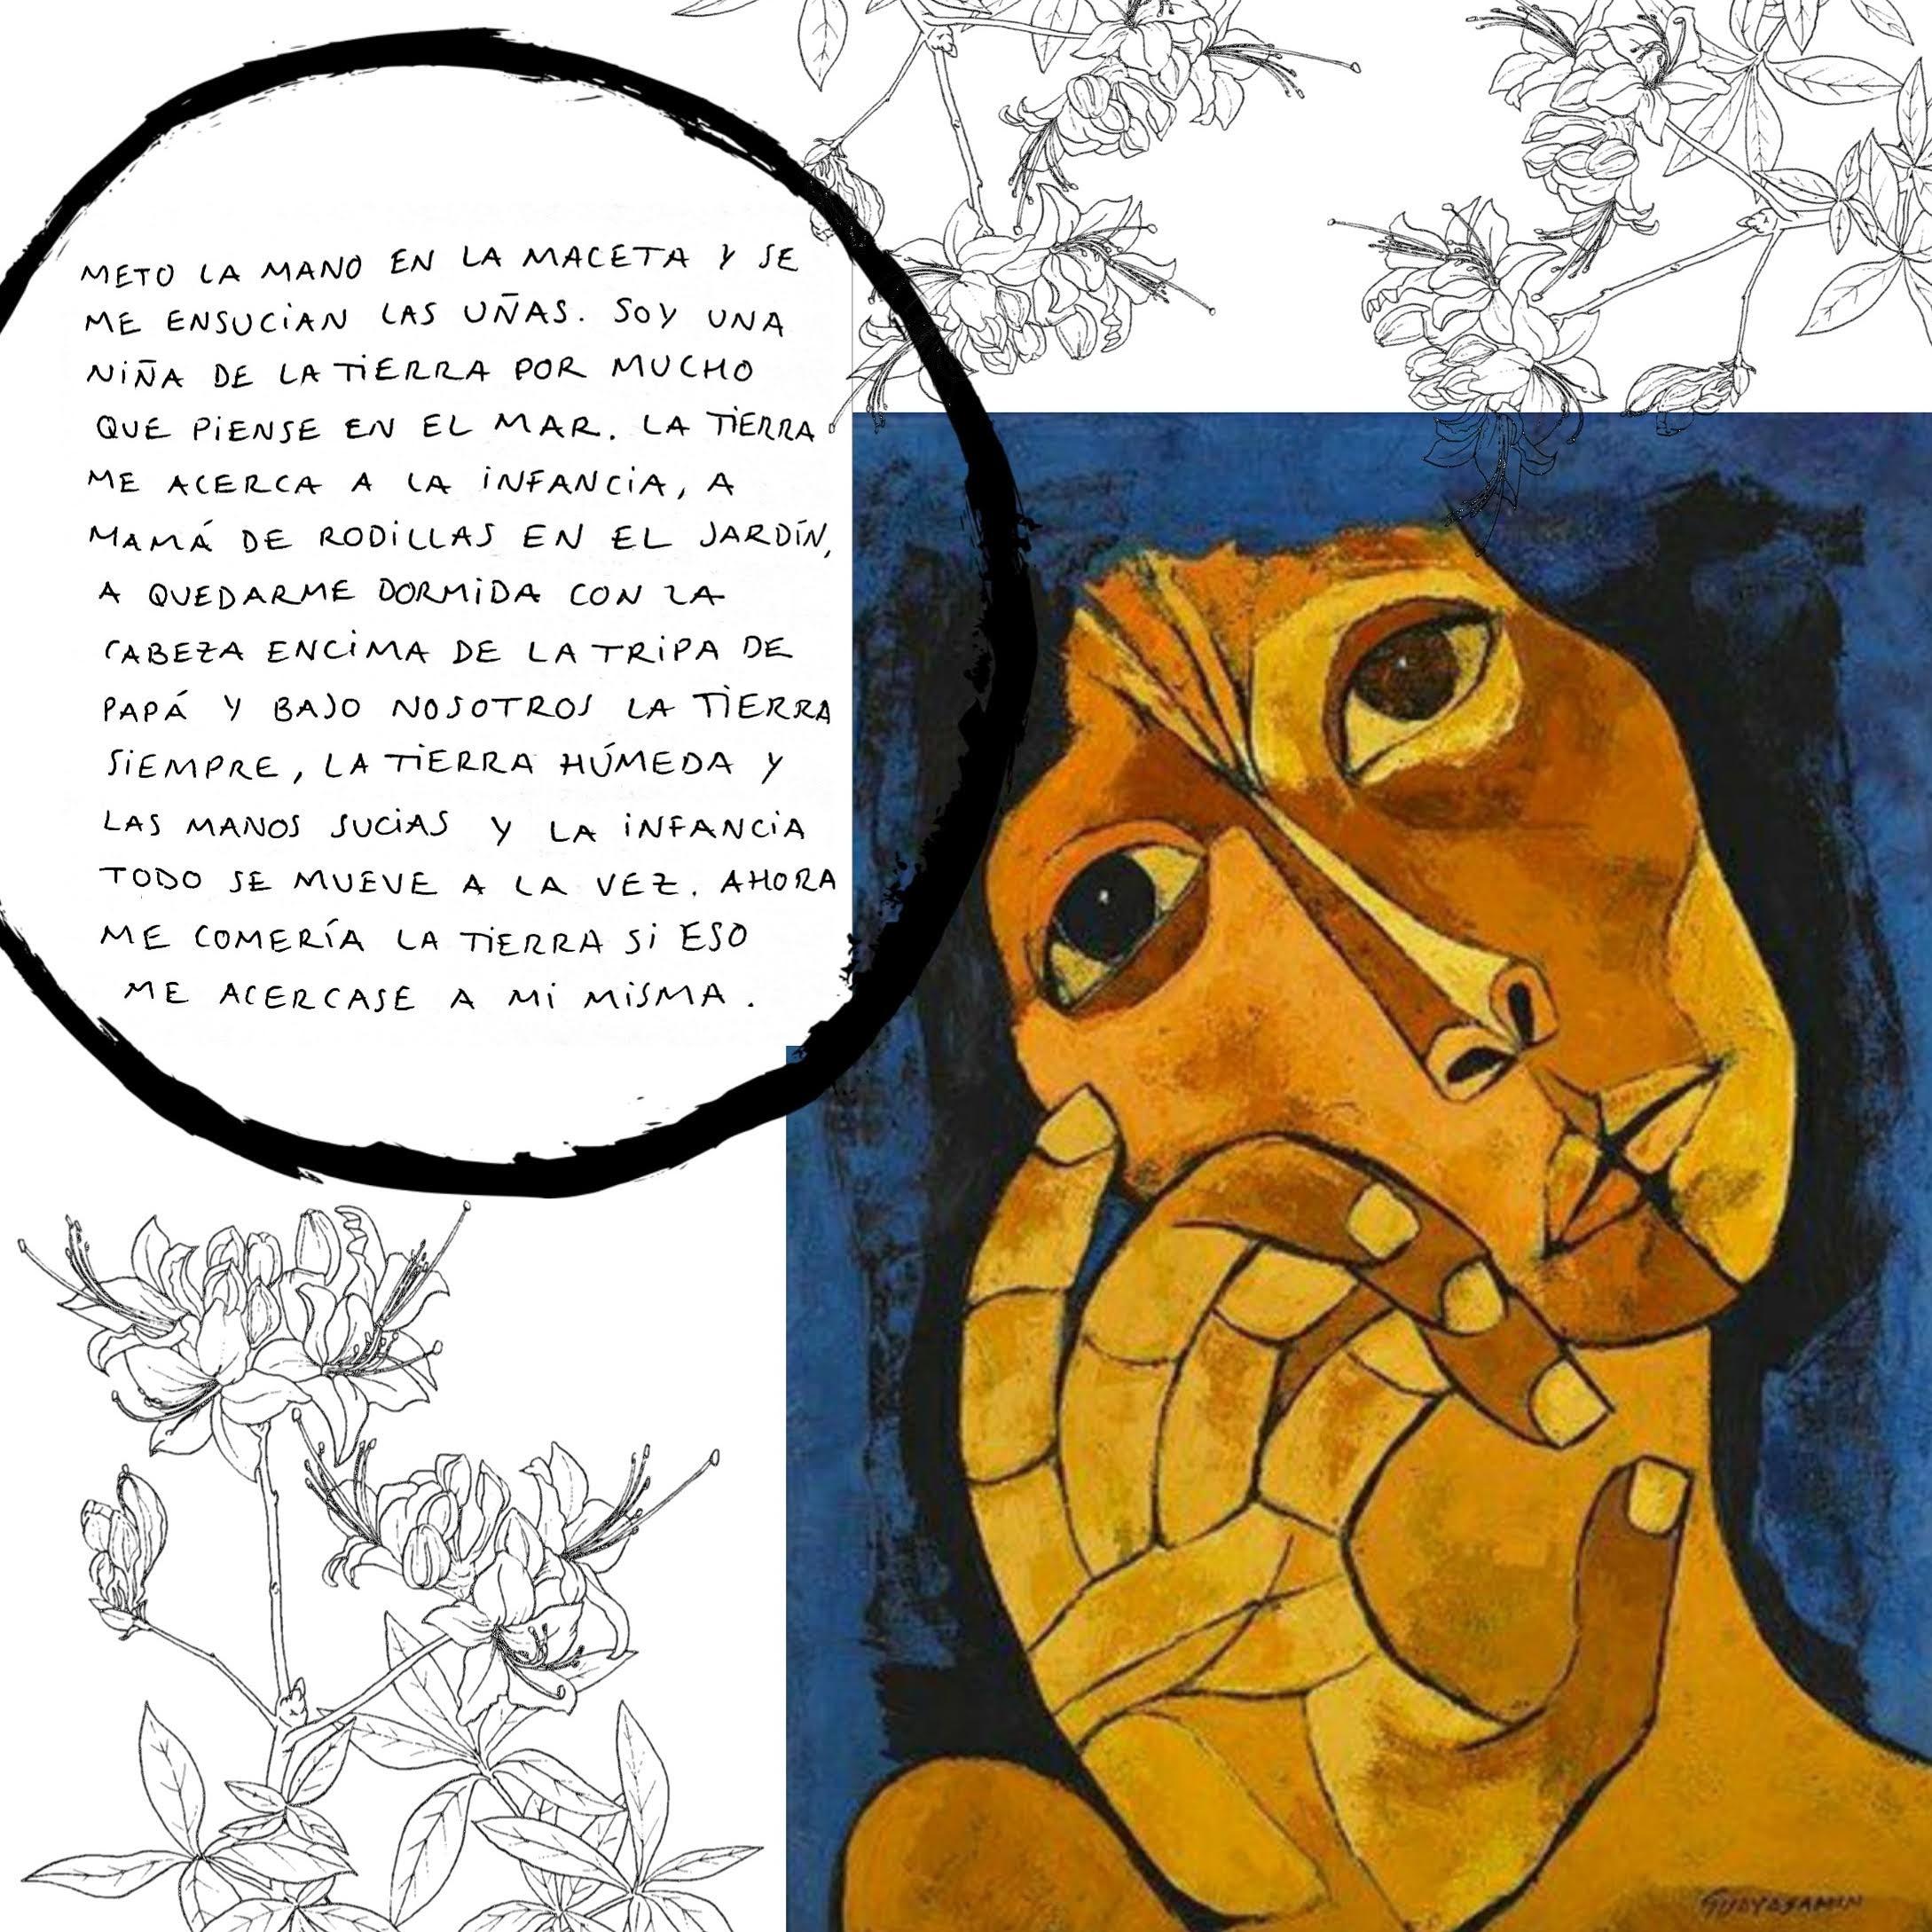 Sara Castro's poem 'Meto la mano...'